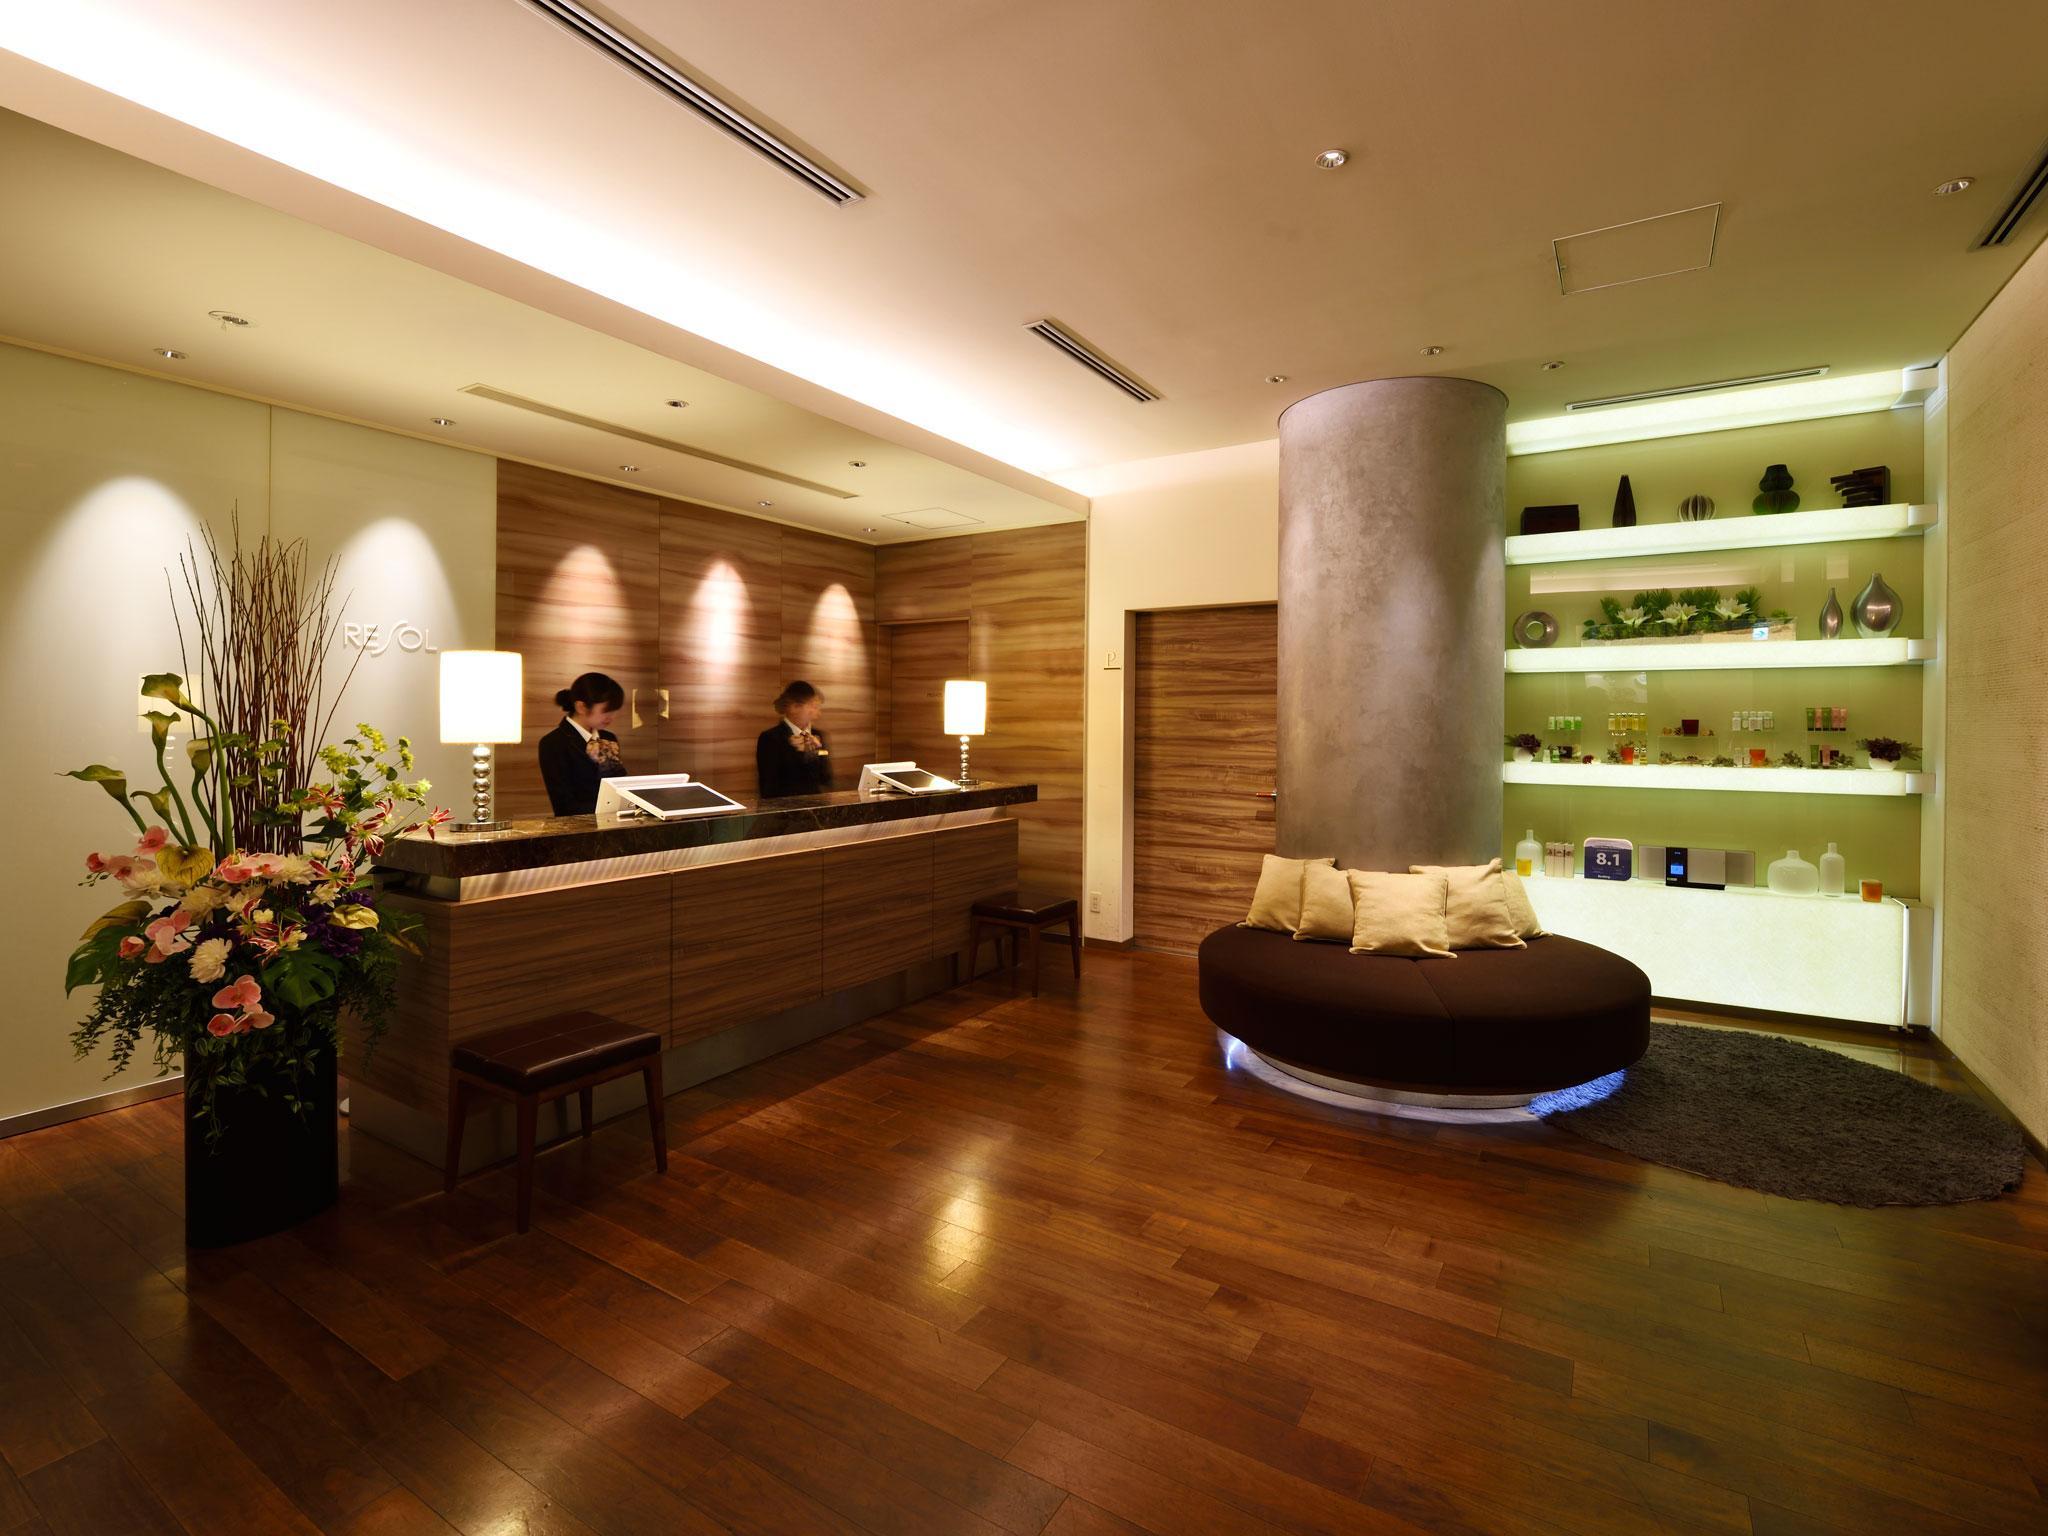 池袋Resol酒店 Hotel Resol Ikebukuro